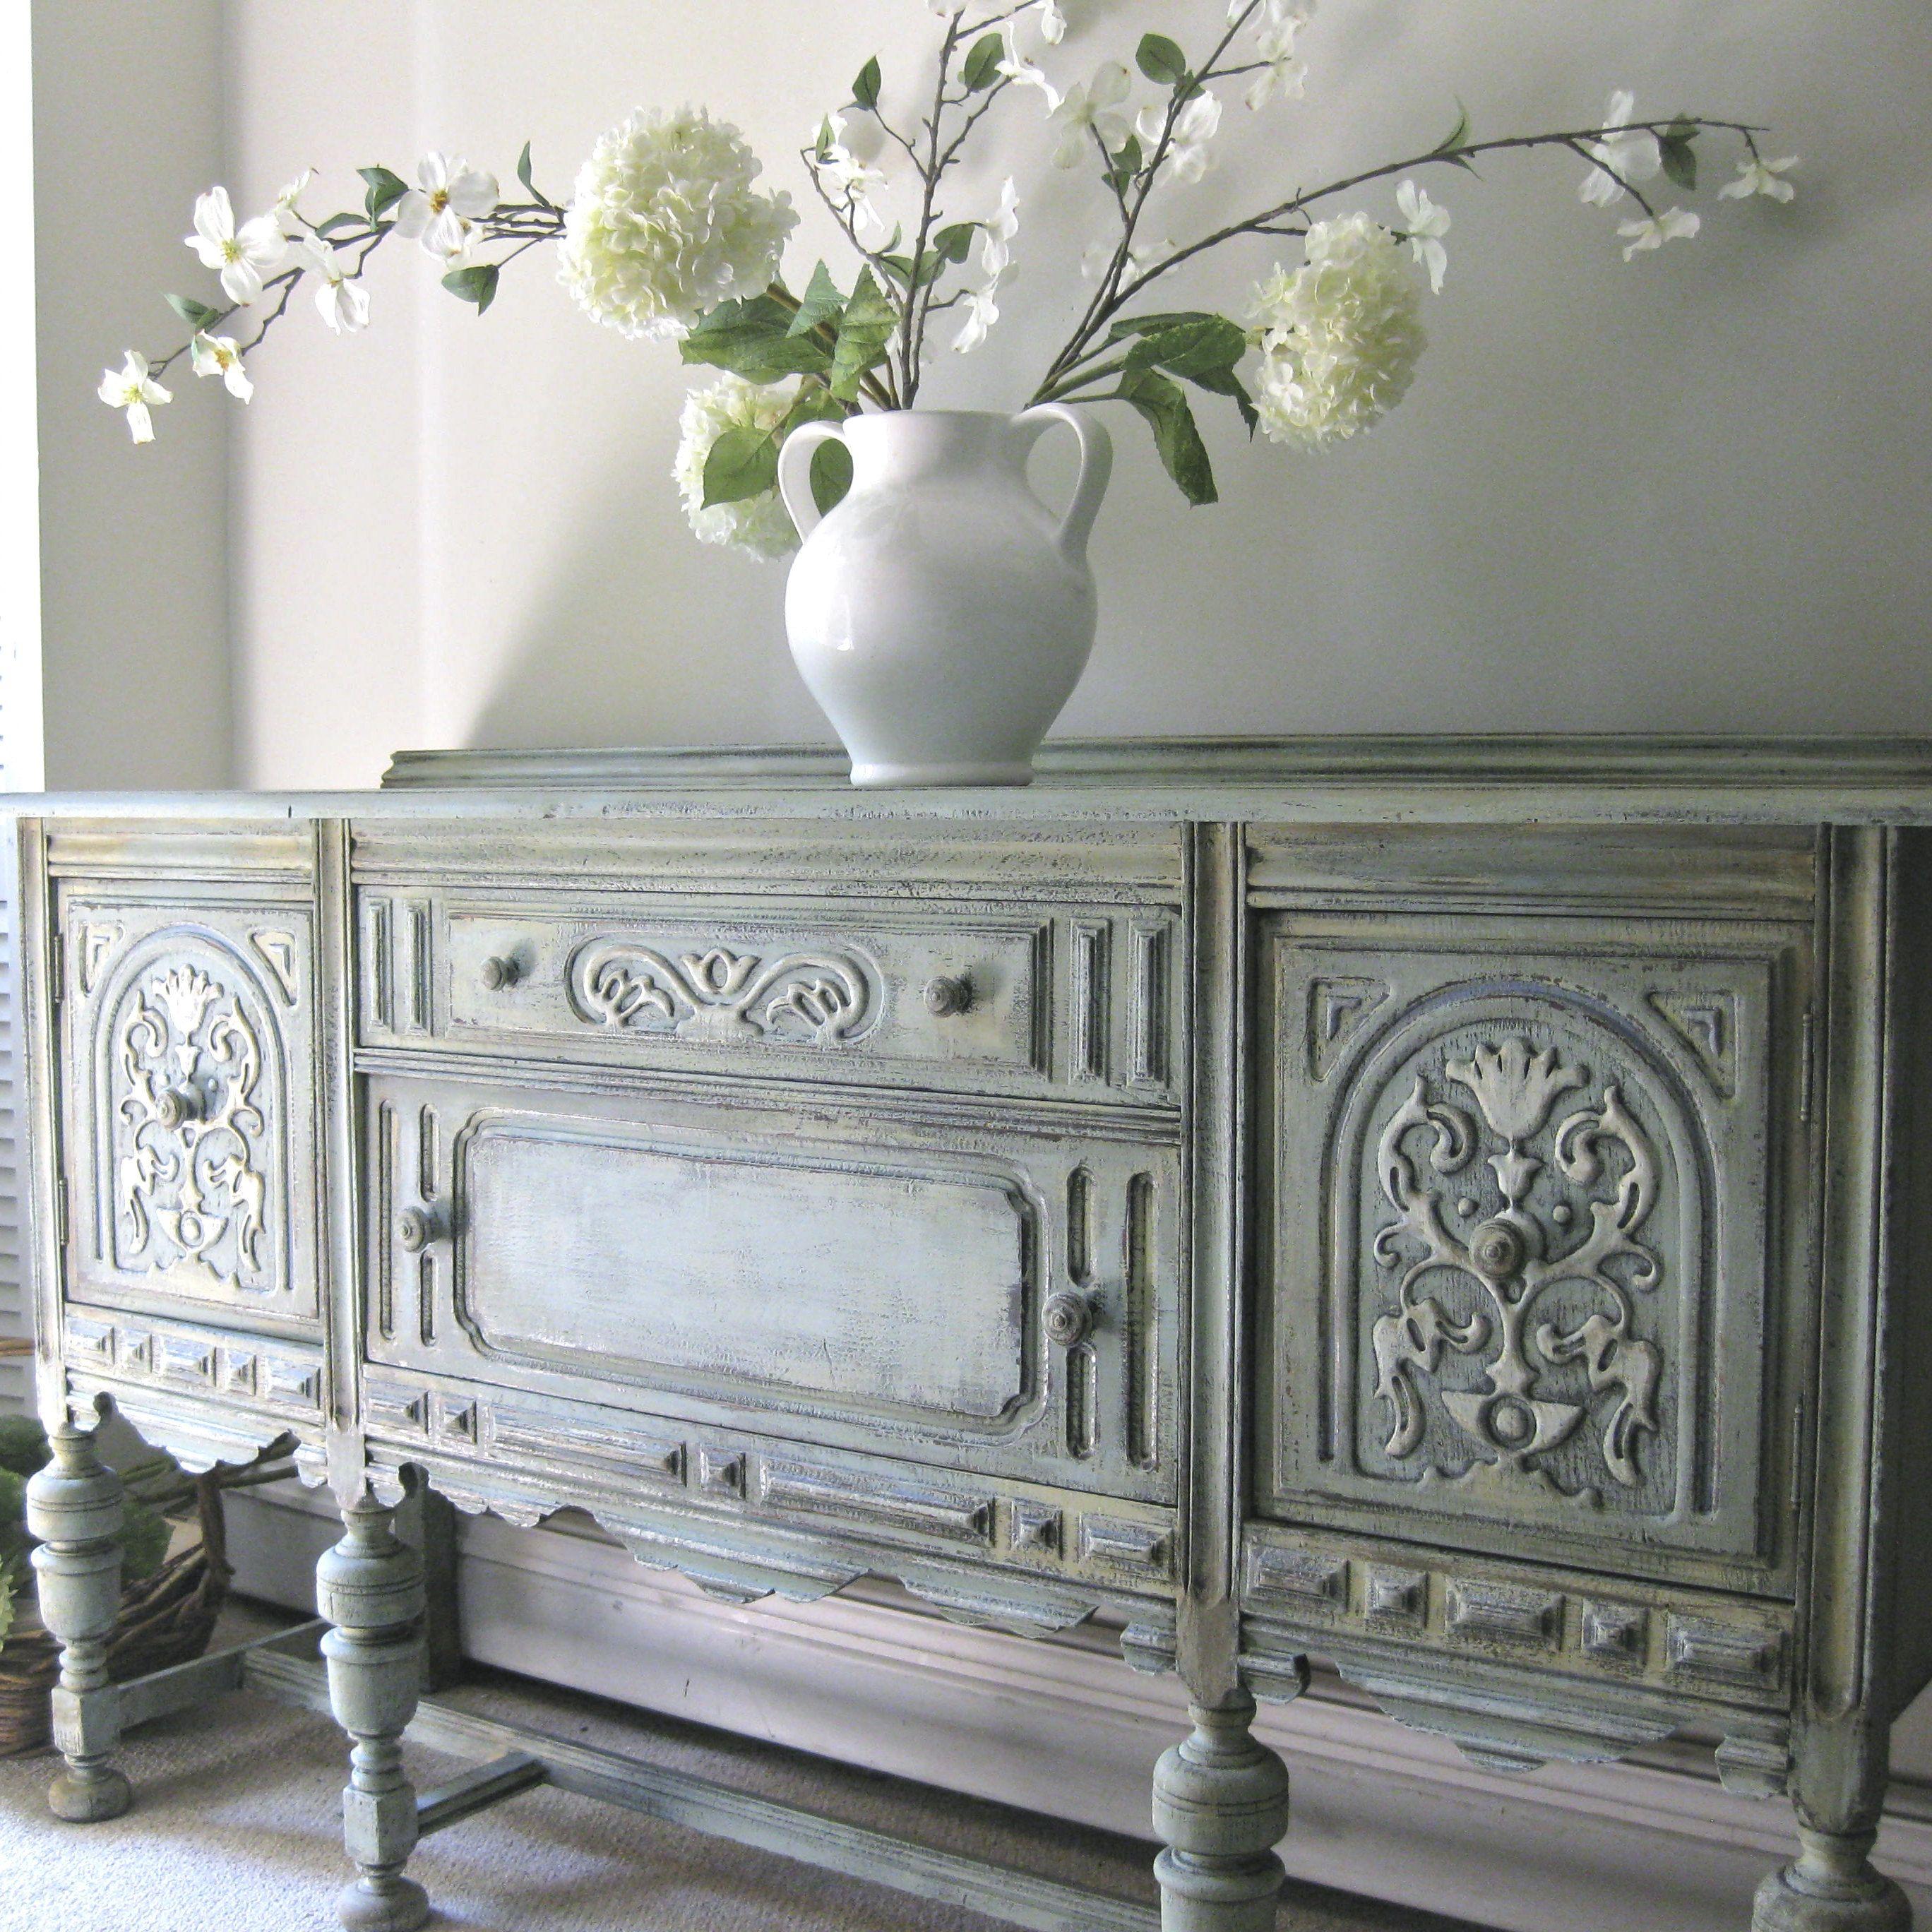 consultez des articles uniques chez frenchcountrydesign sur etsy une place de march. Black Bedroom Furniture Sets. Home Design Ideas